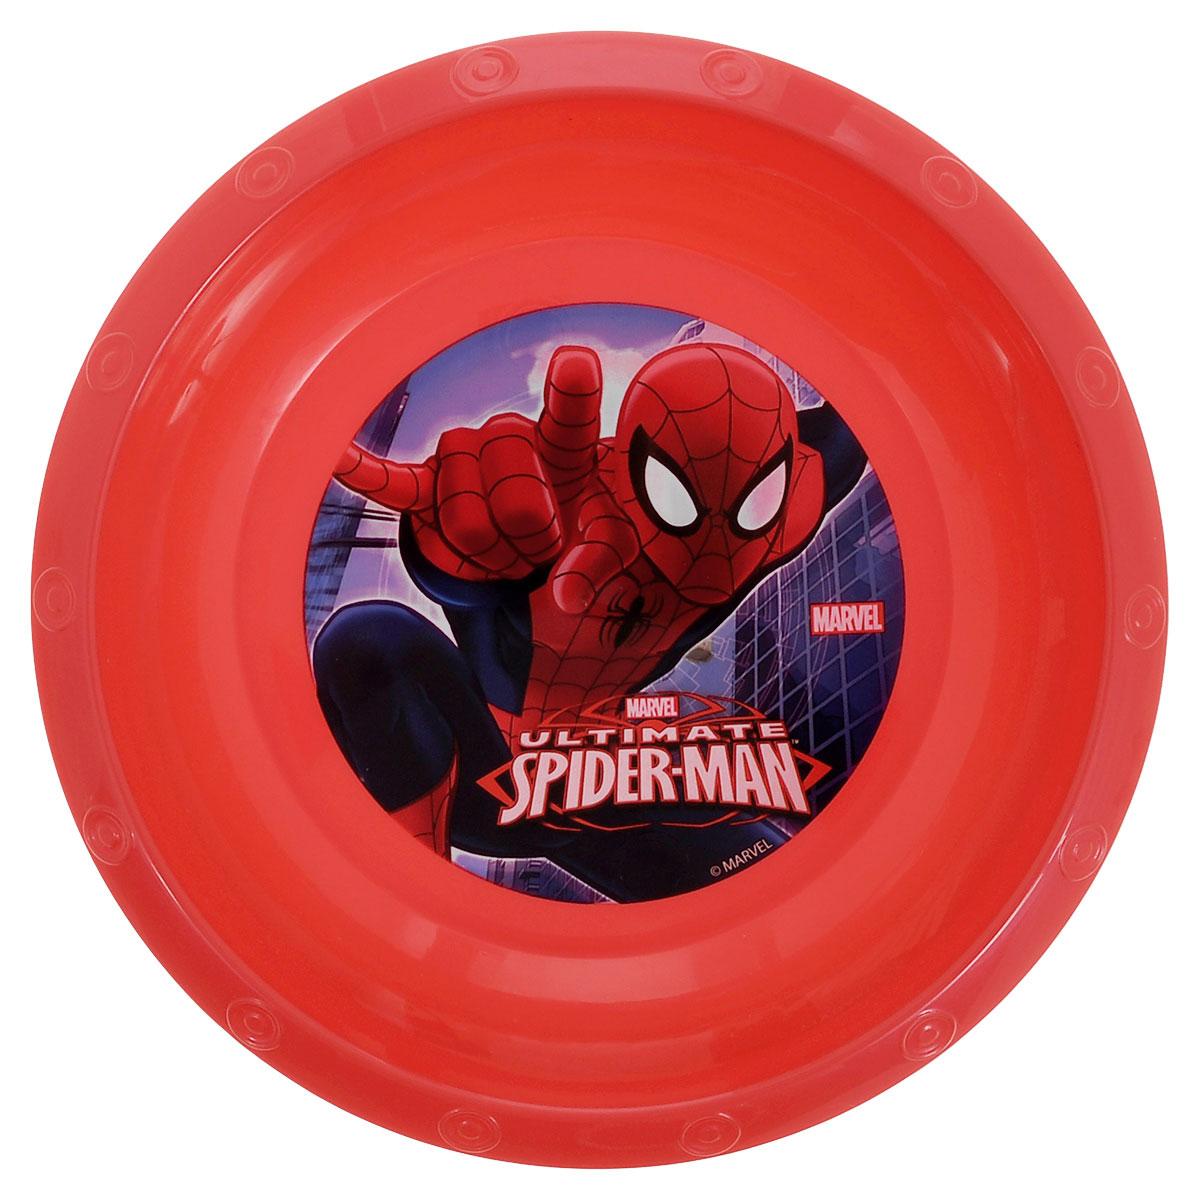 Миска Marvel Spider-Man, цвет: красный, 16 см52411_красныйЯркая миска Marvel Spider-Man, изготовленная из безопасного полипропилена красного цвета, непременно понравится юному обладателю. Дно миски оформлено изображением супергероя - человека-паука из одноименного мультсериала. Изделие очень функционально, пригодится на кухне для самых разнообразных нужд. Рекомендуется для детей от: 3 лет.